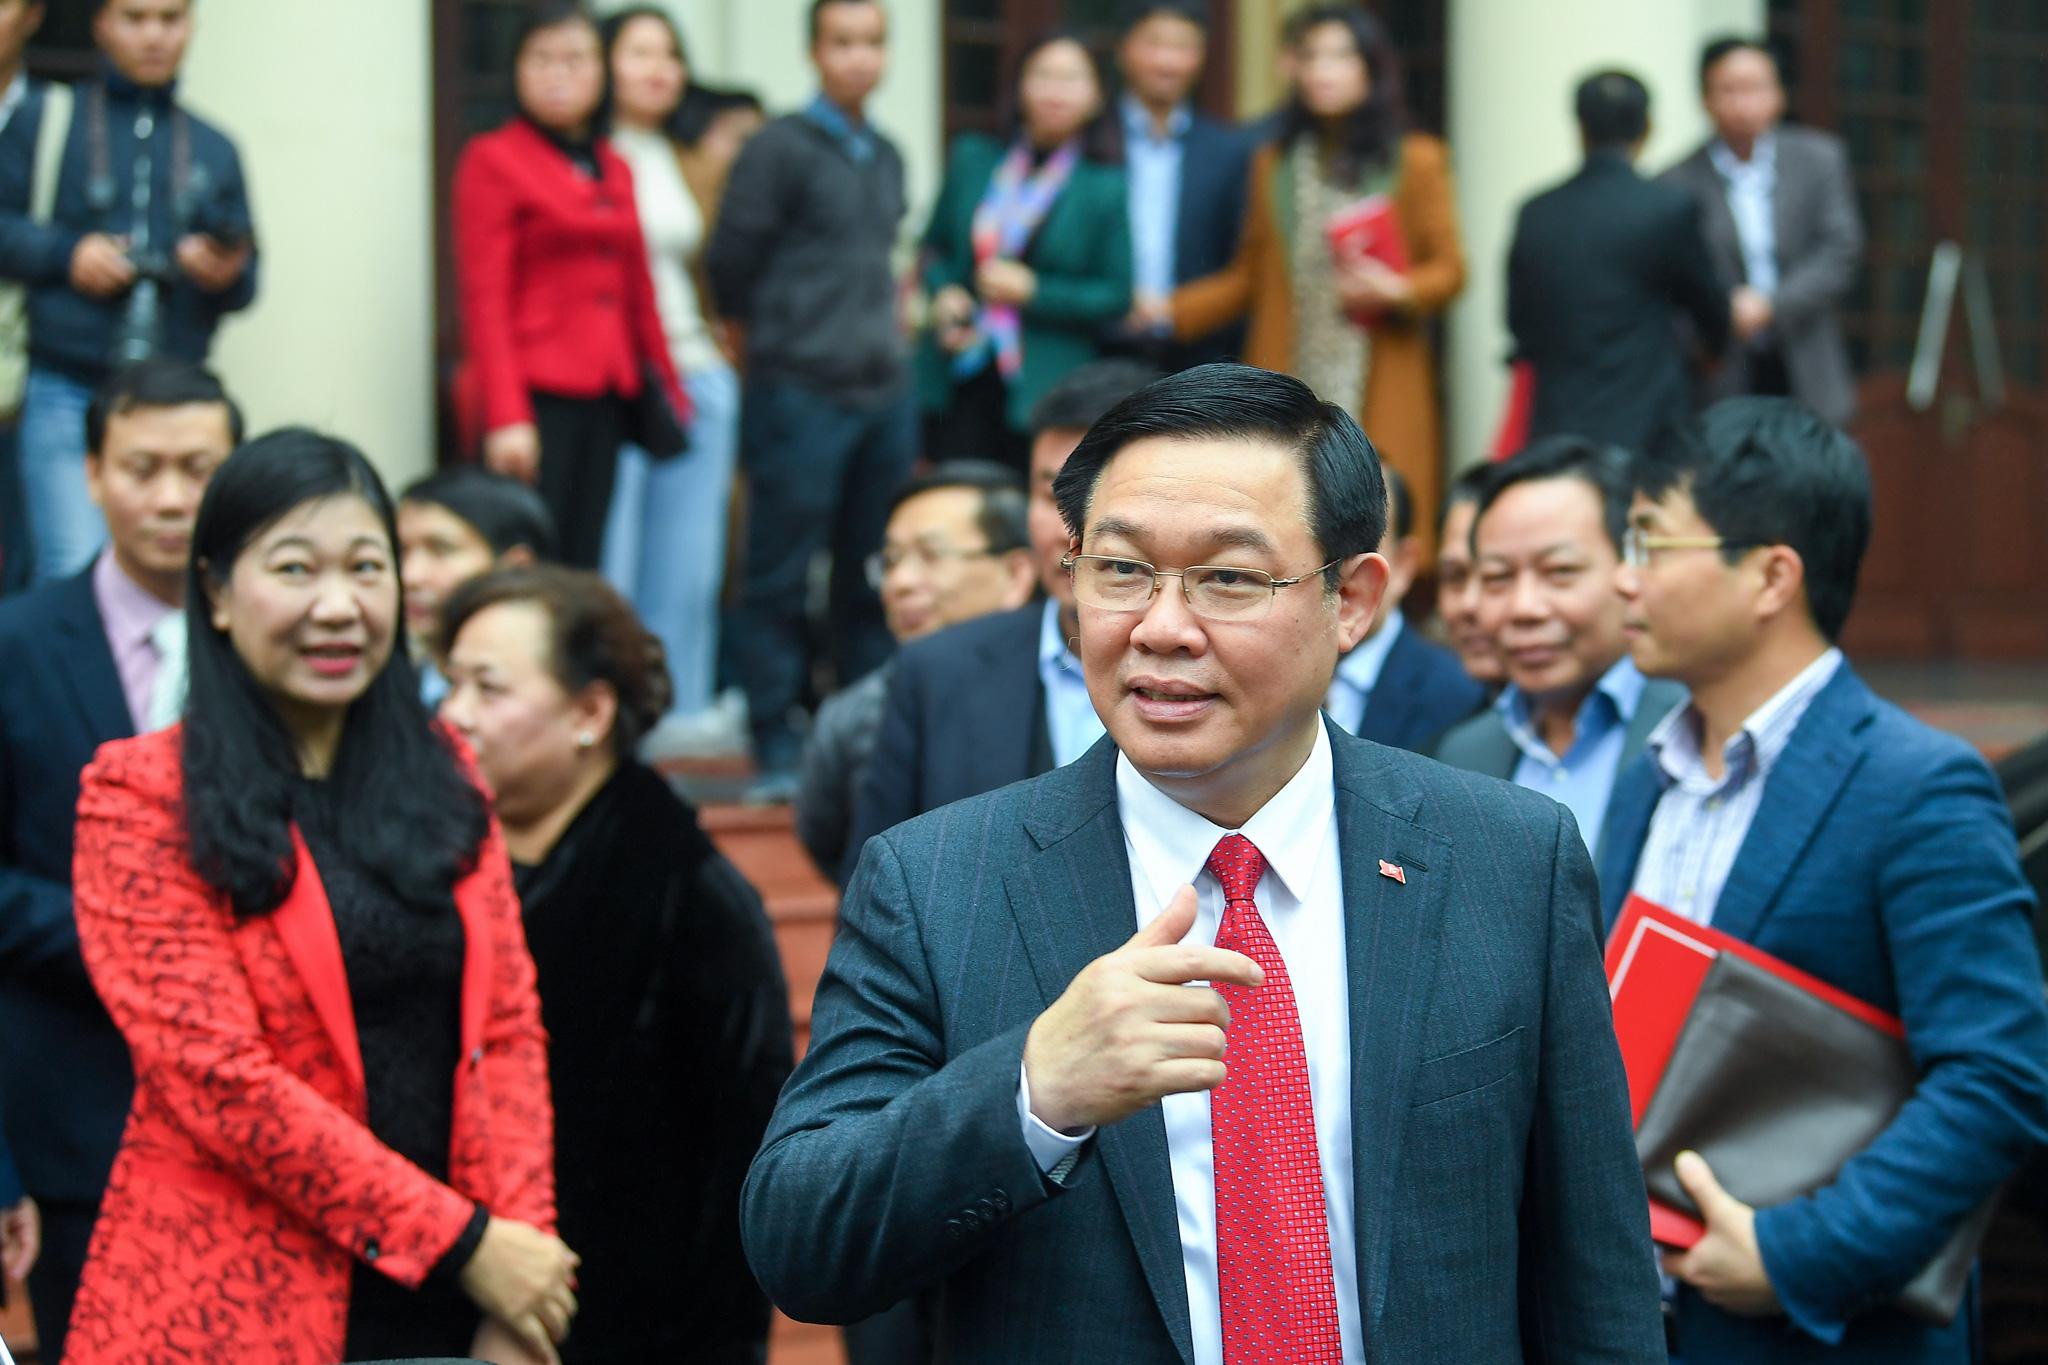 (ẢNH) Toàn cảnh lễ nhận quyết định Bí thư Thành ủy Hà Nội của Phó Thủ tướng Vương Đình Huệ - Ảnh 14.